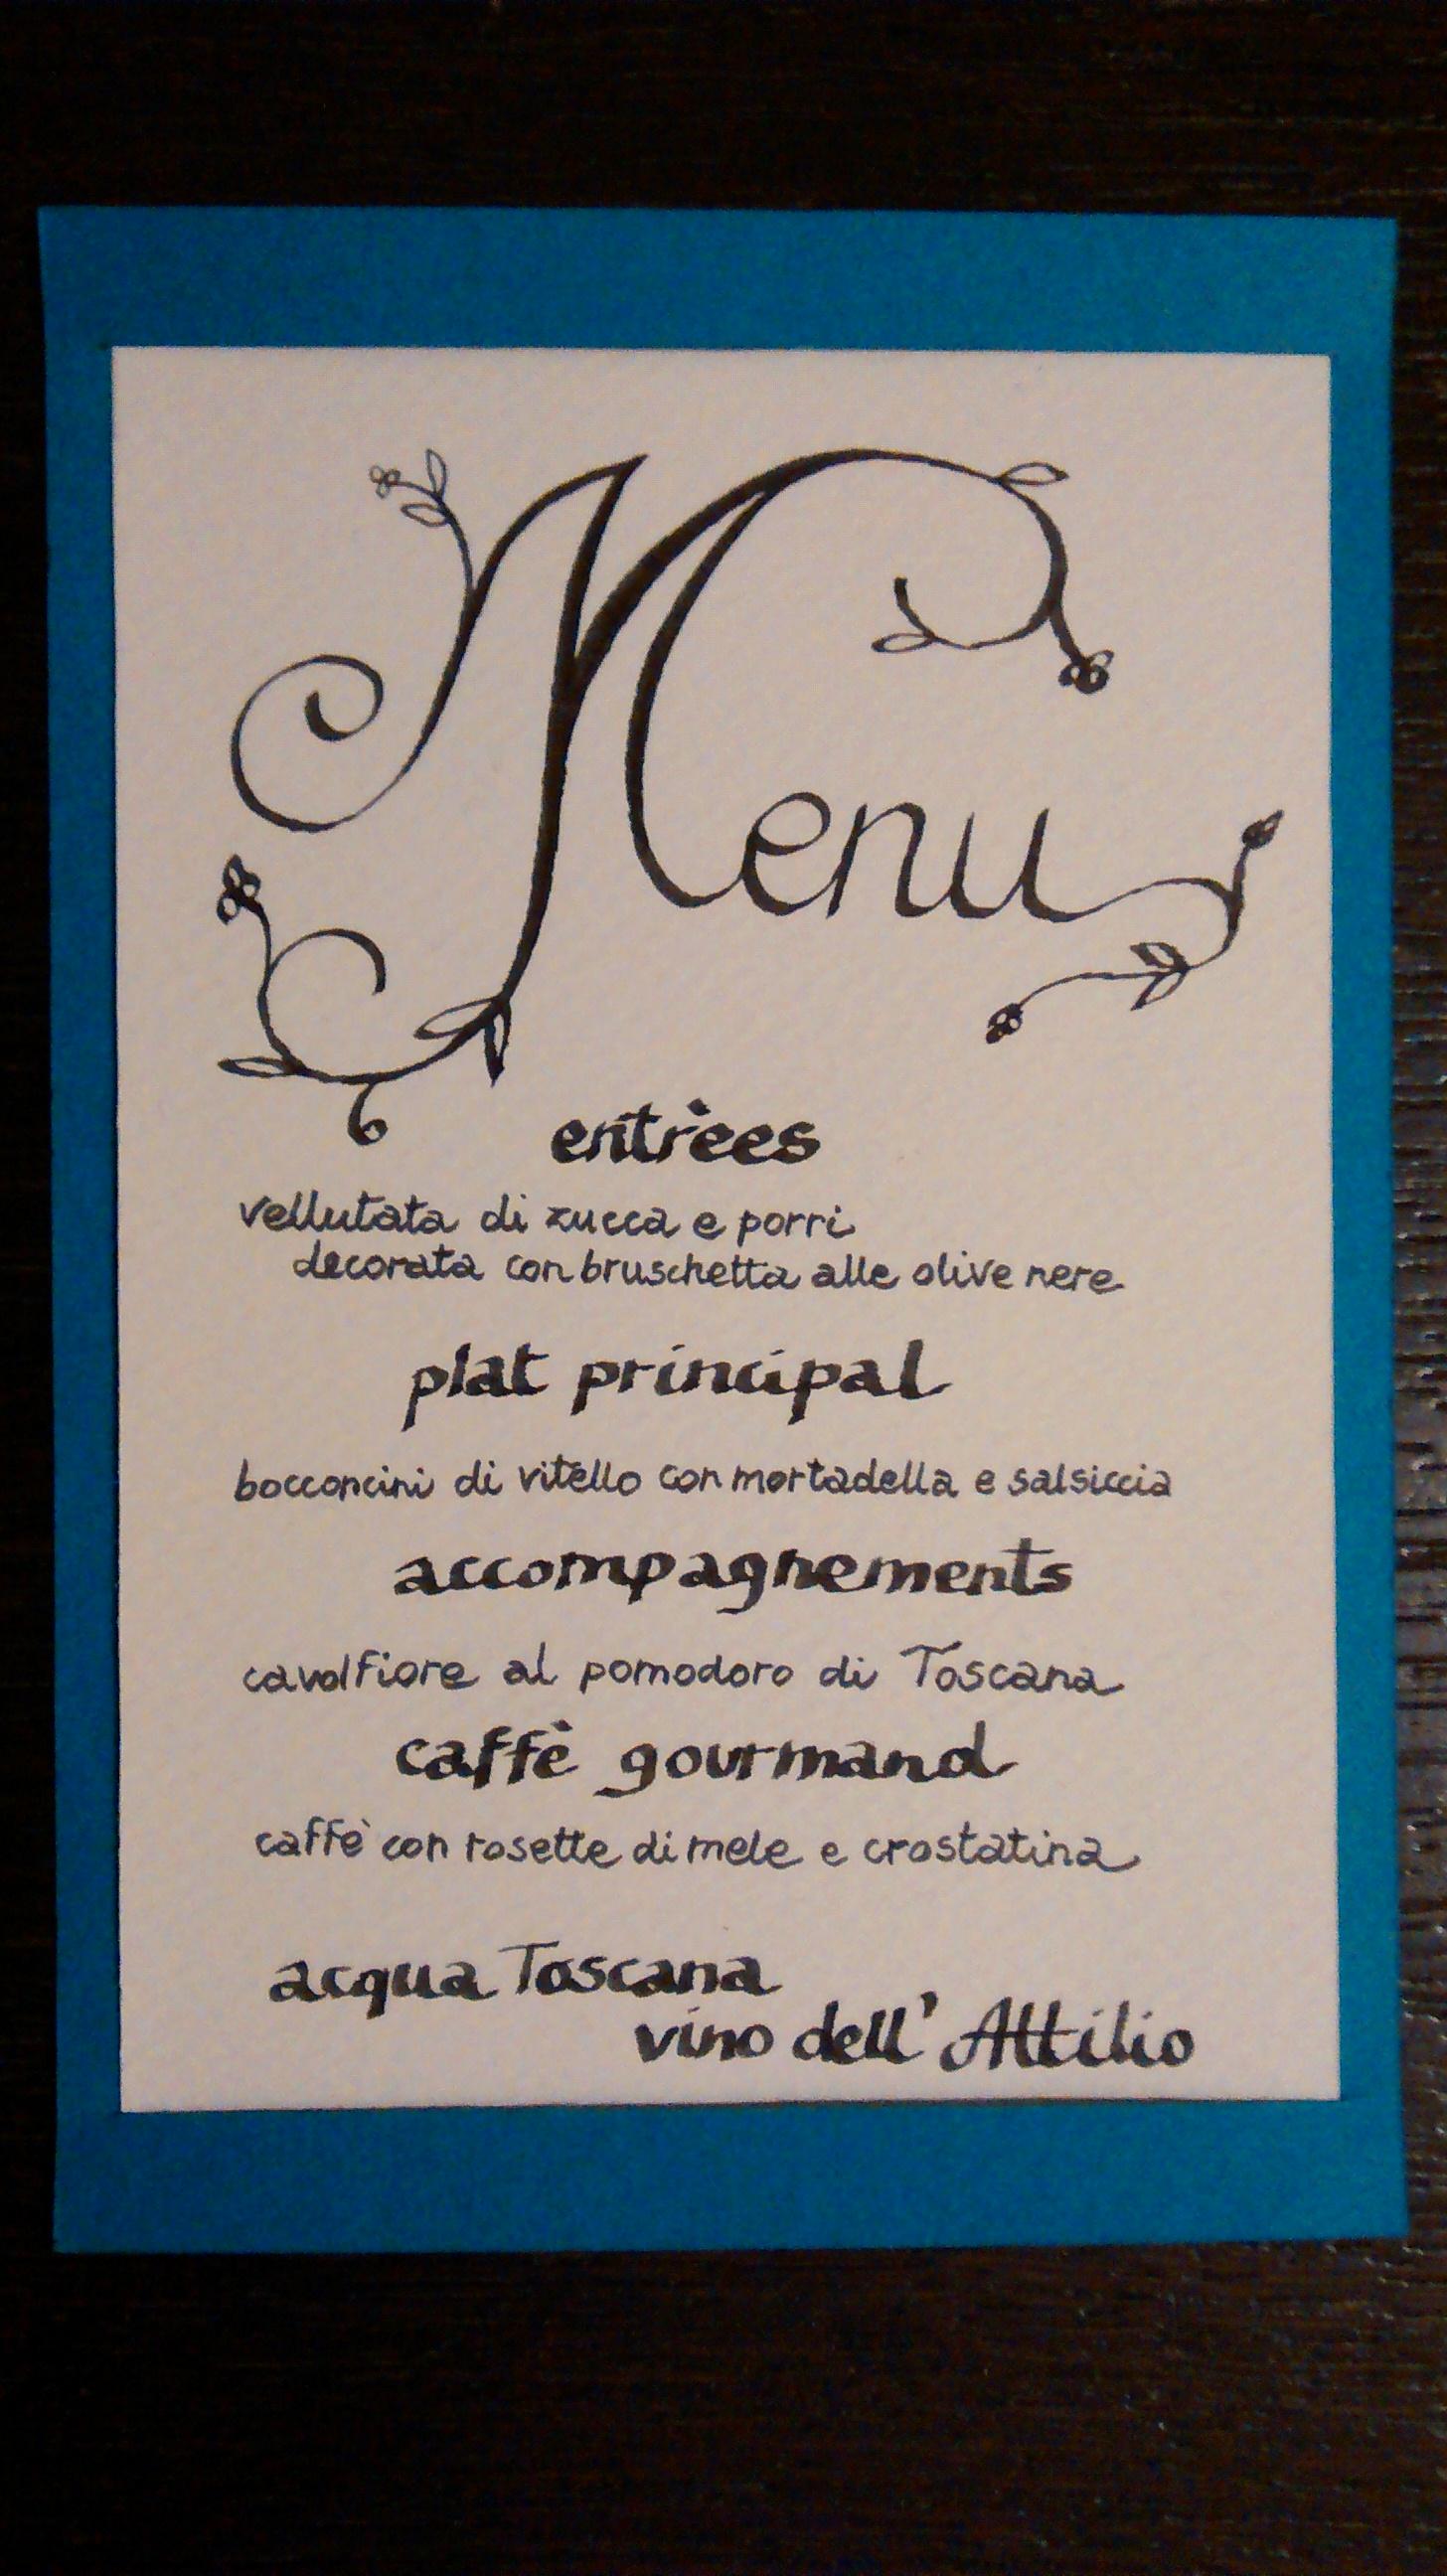 menù scritto a mano con penna per calligrafia